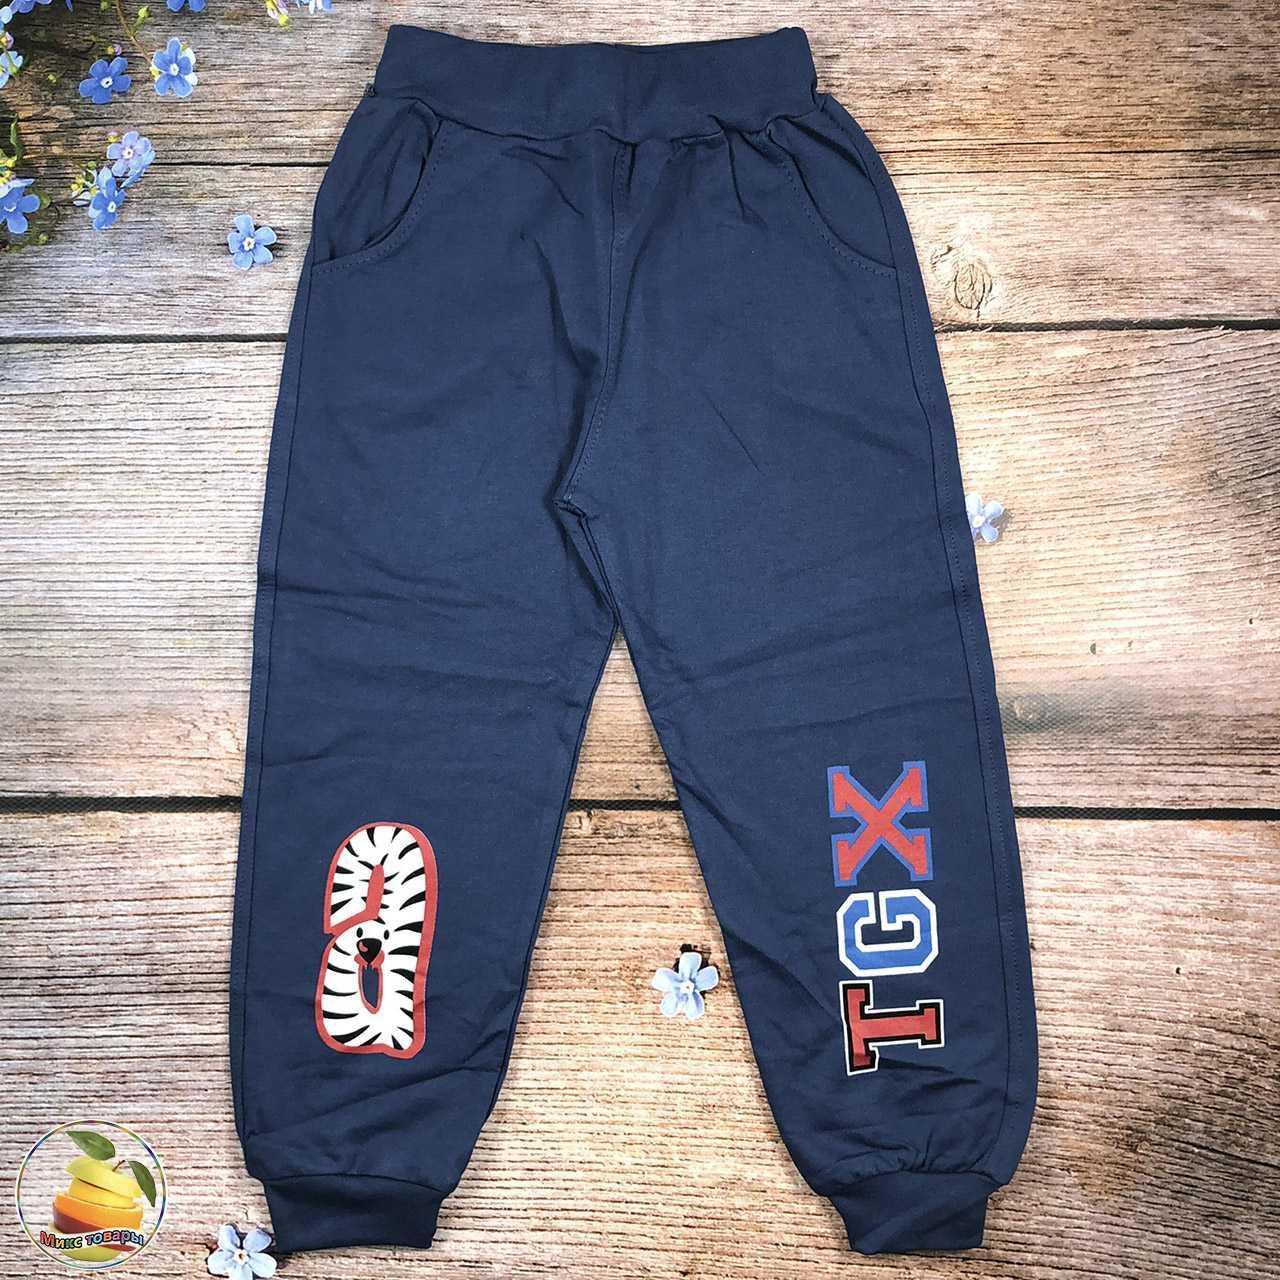 Спортивные штаны с манжетам для мальчика Размеры: 3,4,5,6 лет (9363-1)